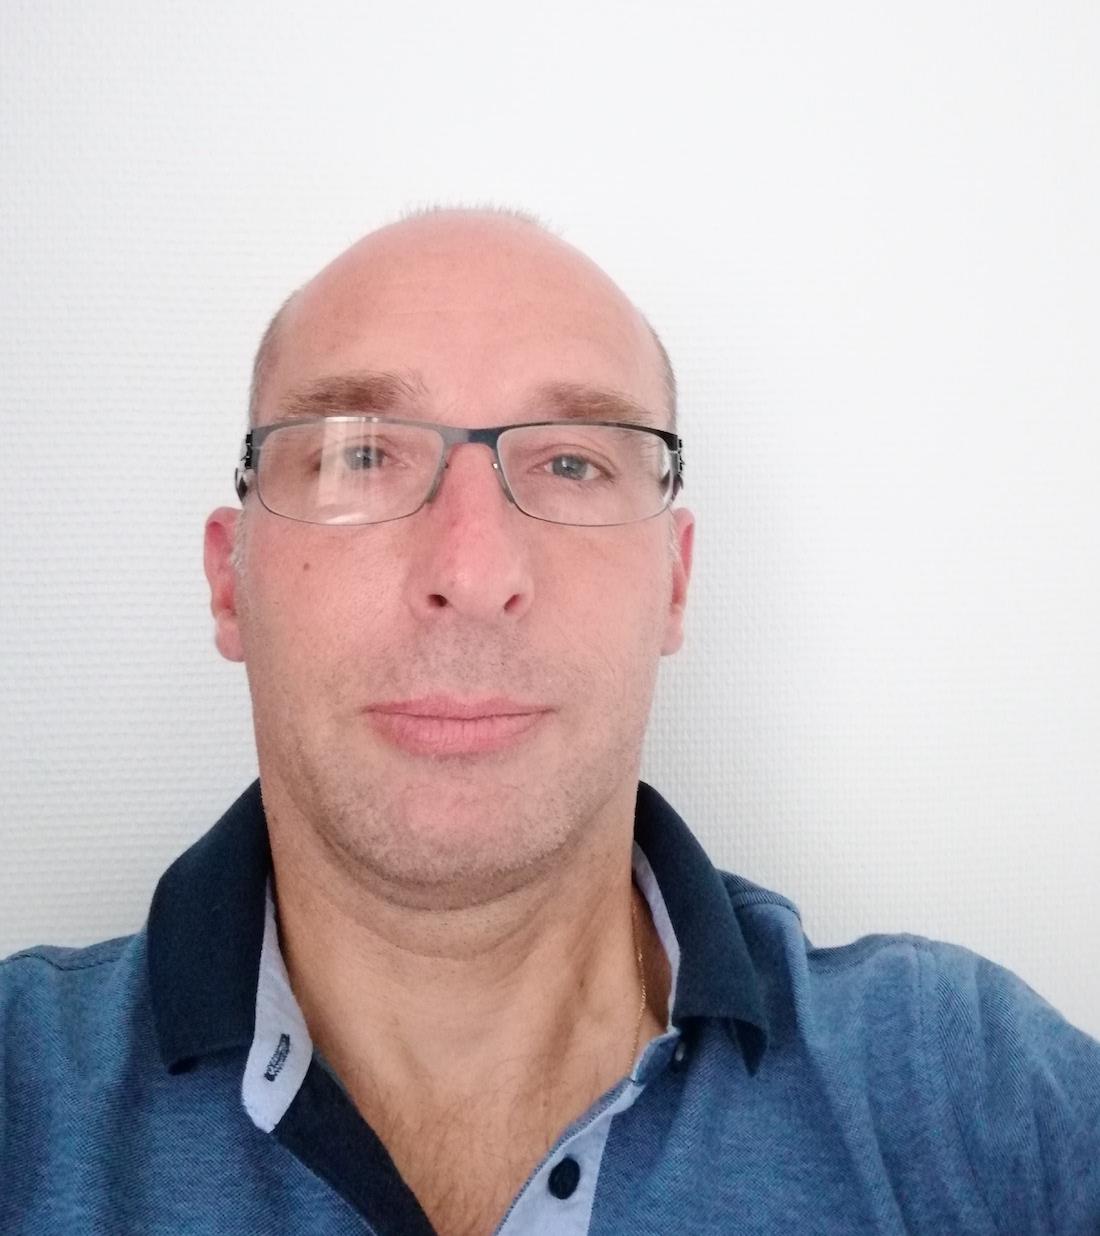 Sébastien Ducki, praticien hygiéniste pour le Réseau Inter-établissement de  Prévention des Infections  Nosocomiales (RIPIN) de  Grenoble. ©DR